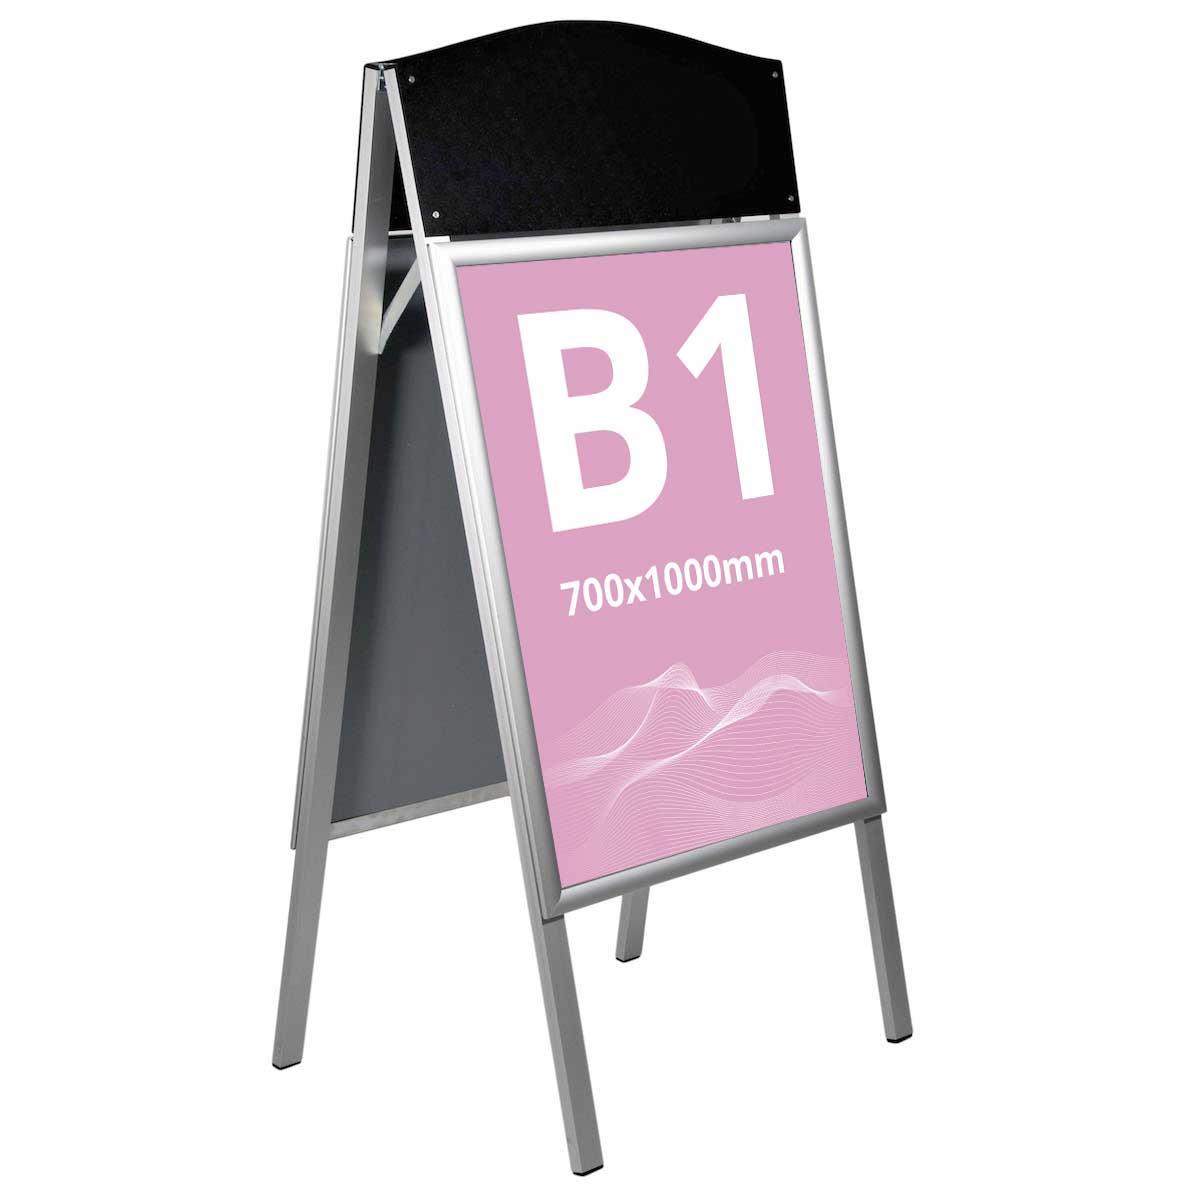 People Stopper, cu header din ABS negru S7, JJ DISPLAYS, 700 x 1000 mm